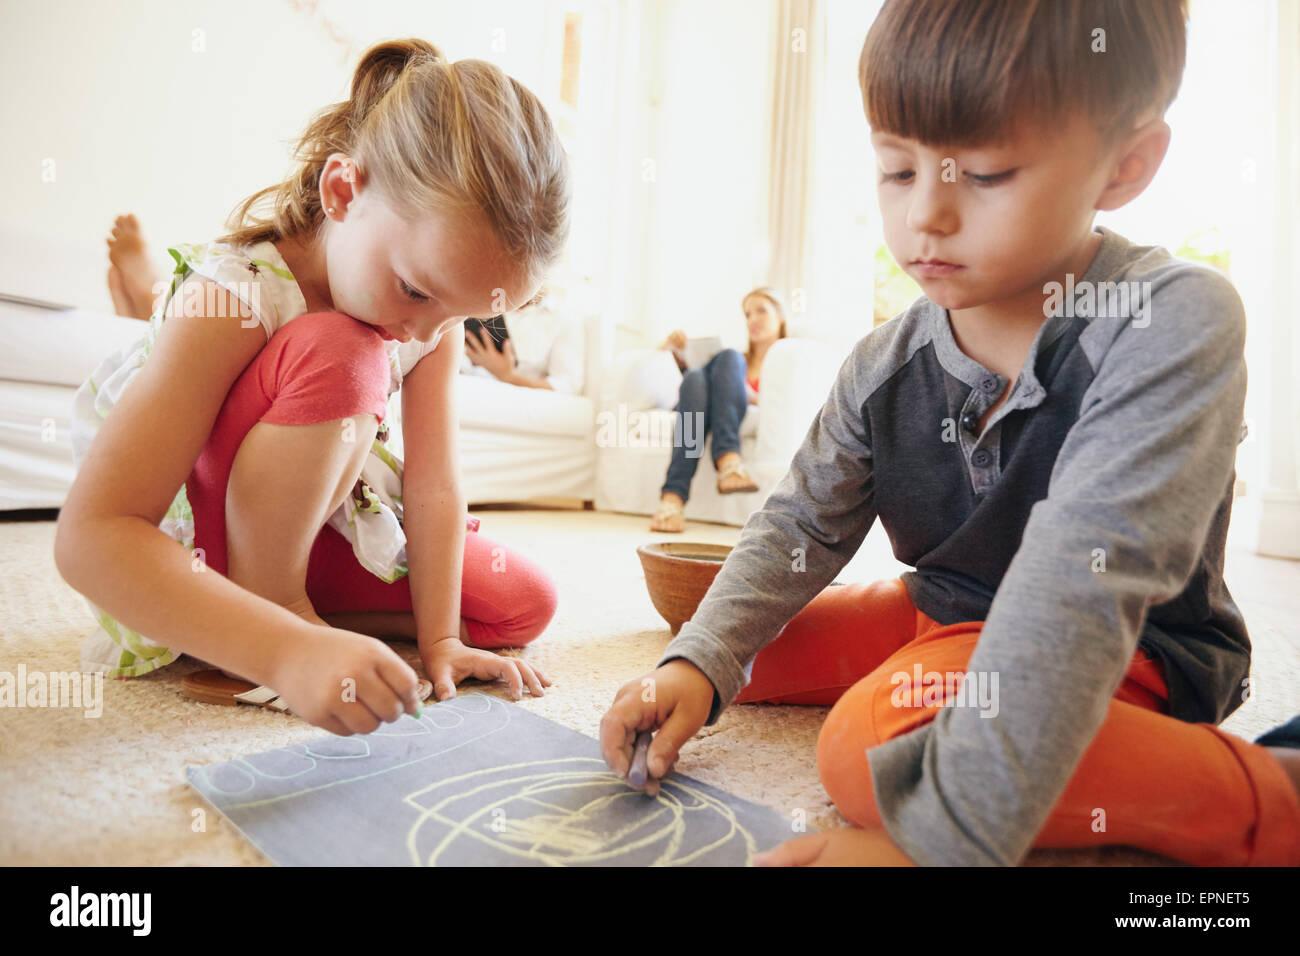 Kleinen Geschwister ein Bild mit Kreide Farben zeichnen. Süße Kinder sitzen auf Boden mit Eltern im Hintergrund Stockbild